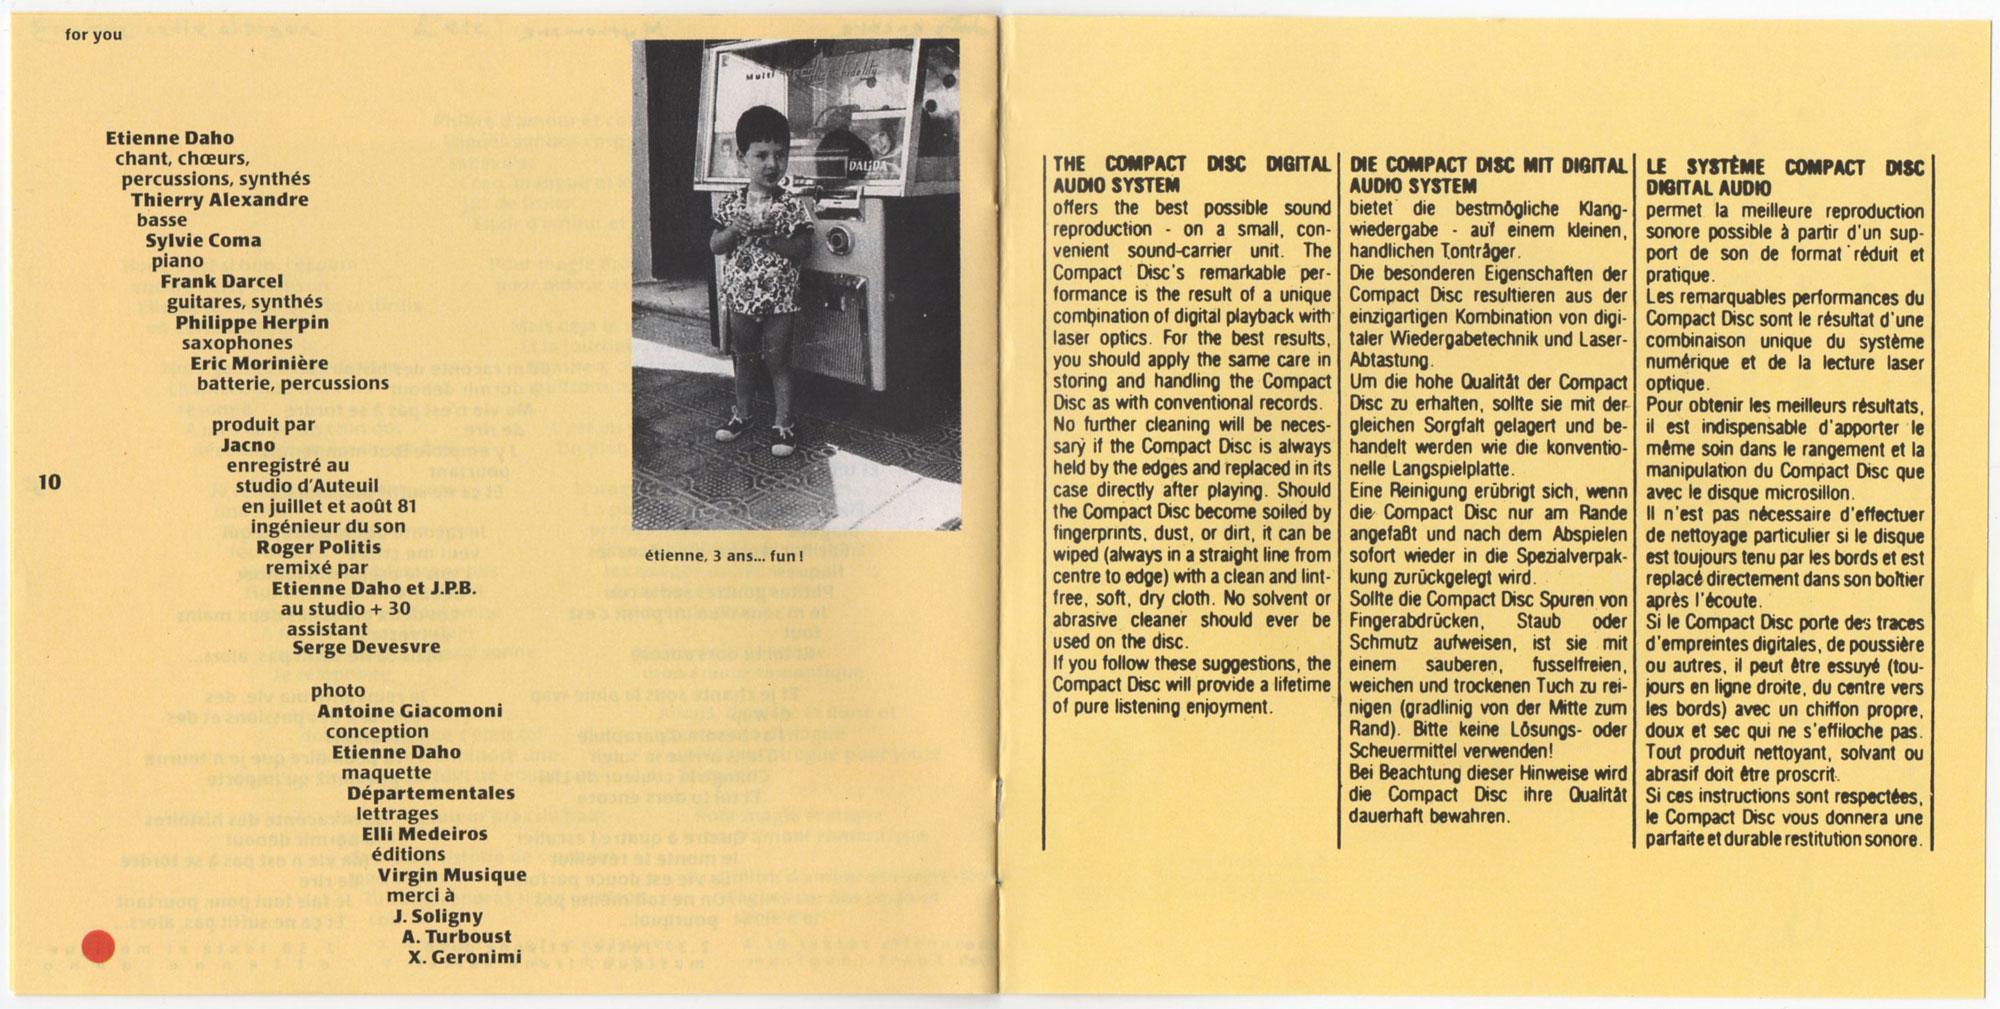 Livret page 10-11